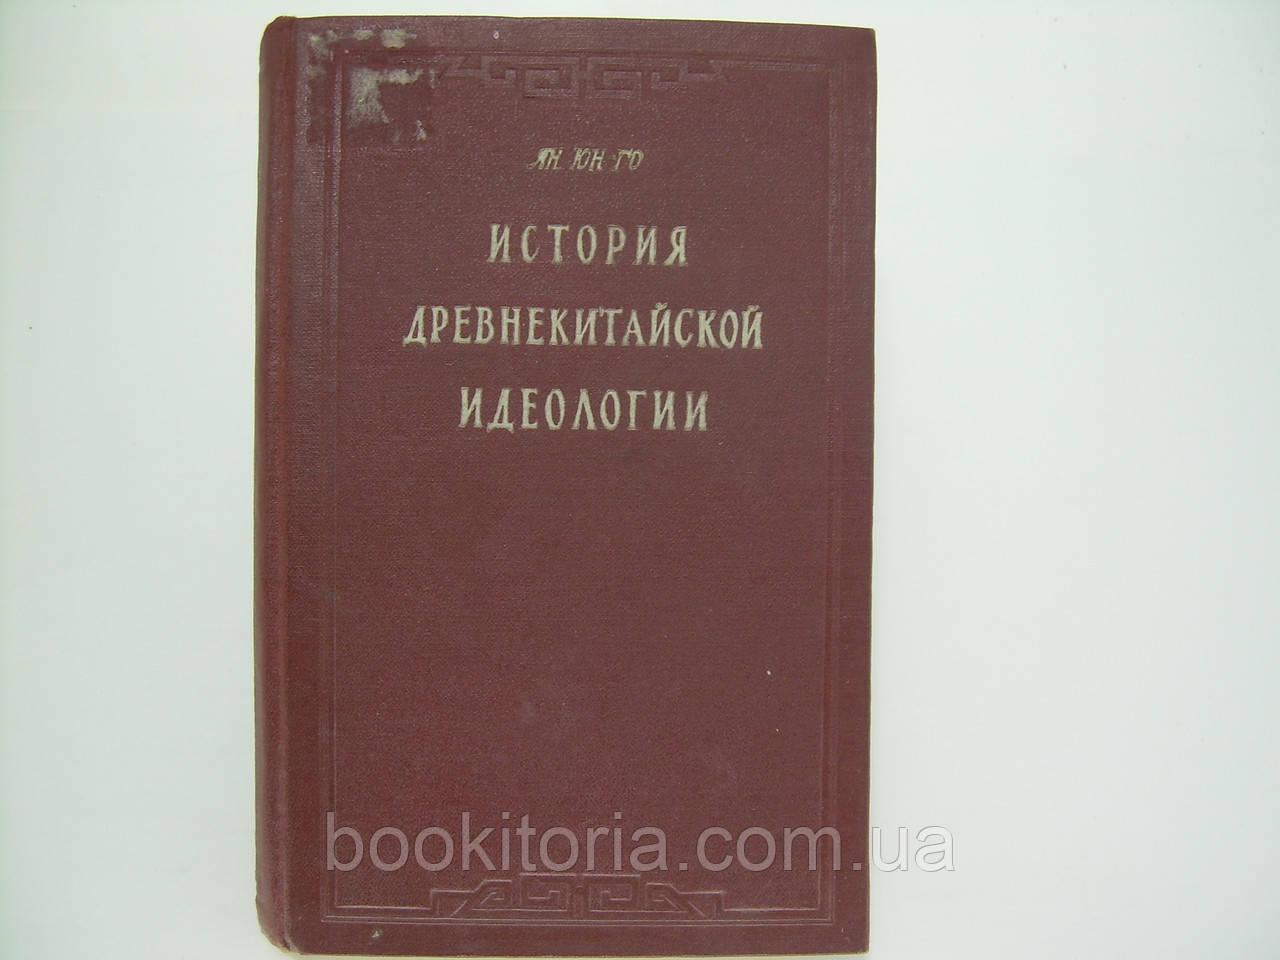 Ян Юн-Го. История древнекитайской идеологии (б/у).